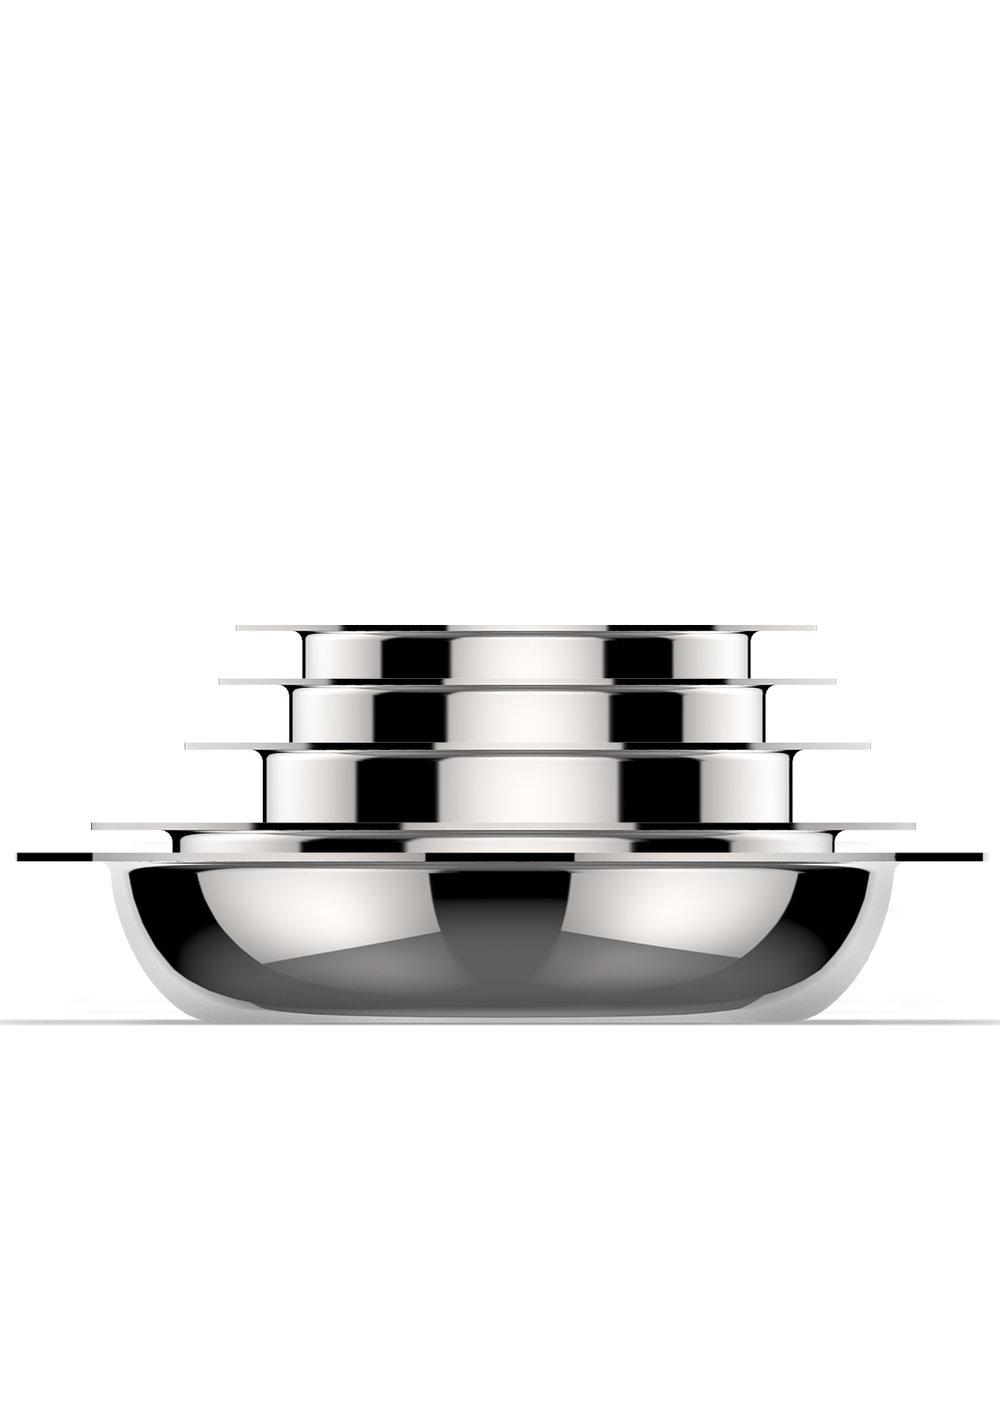 MATRIXPLUg'N PLAYPLAYLIST - La solution pour ceux qui recherchent performance et un rangement compact.716016 Casserole 16 cm716018 Casserole 18 cm716020 Casserole 20 cm716120 Poêle 20 cm716124 Poêle 24 cm716128 Poêle 28 cm716224 Sauteuse 24 cm716001 Poignée amovible